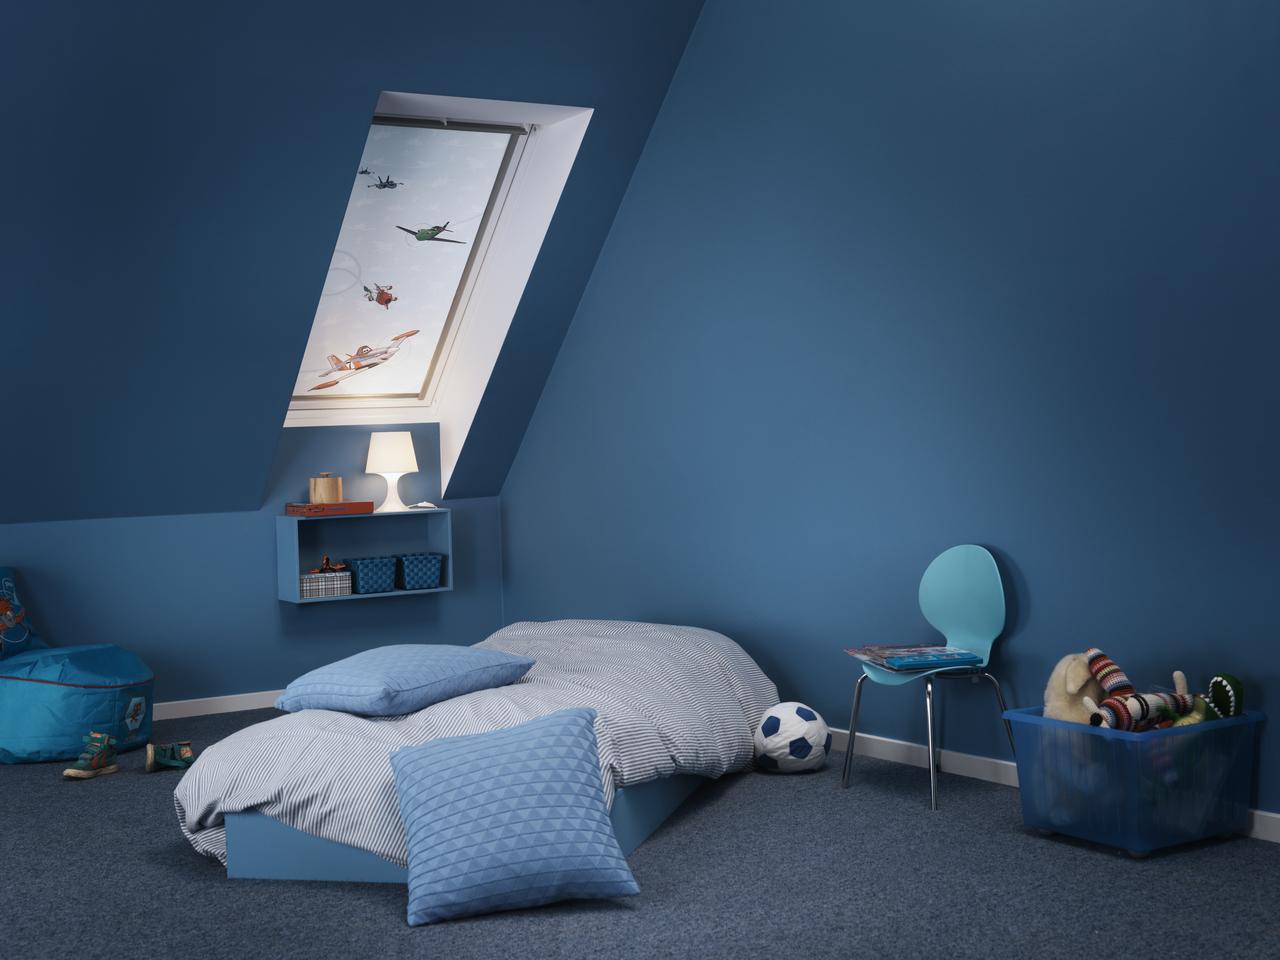 Camera Da Letto Blu : Una camera da letto blu per riposare meglio mansarda.it